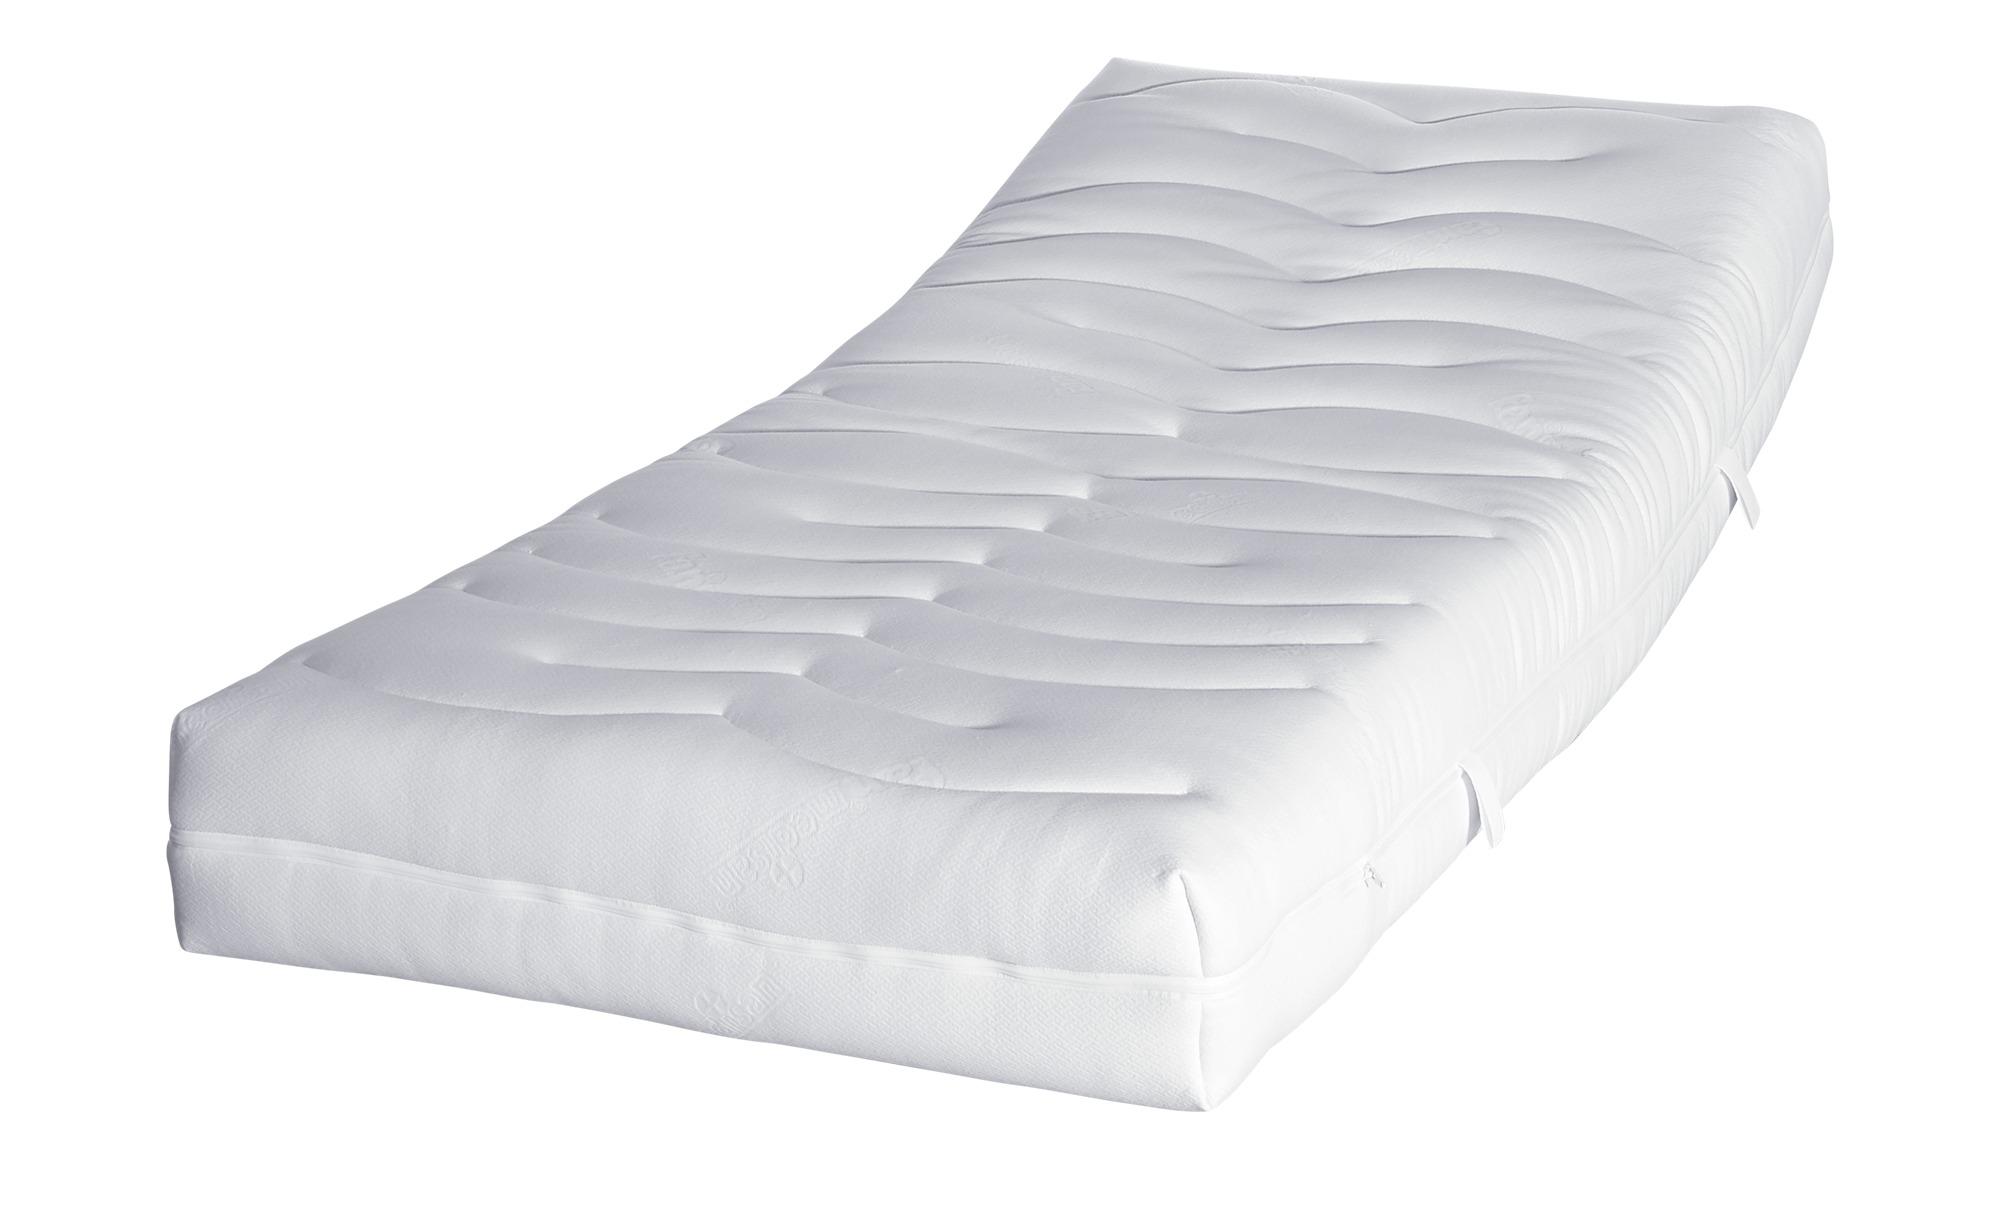 Viscoschaummatratze  Medisan Luxus VS - weiß - 90 cm - 20 cm - 190 cm - Sconto | Schlafzimmer > Matratzen > Viscoschaum-Matratzen | Sconto